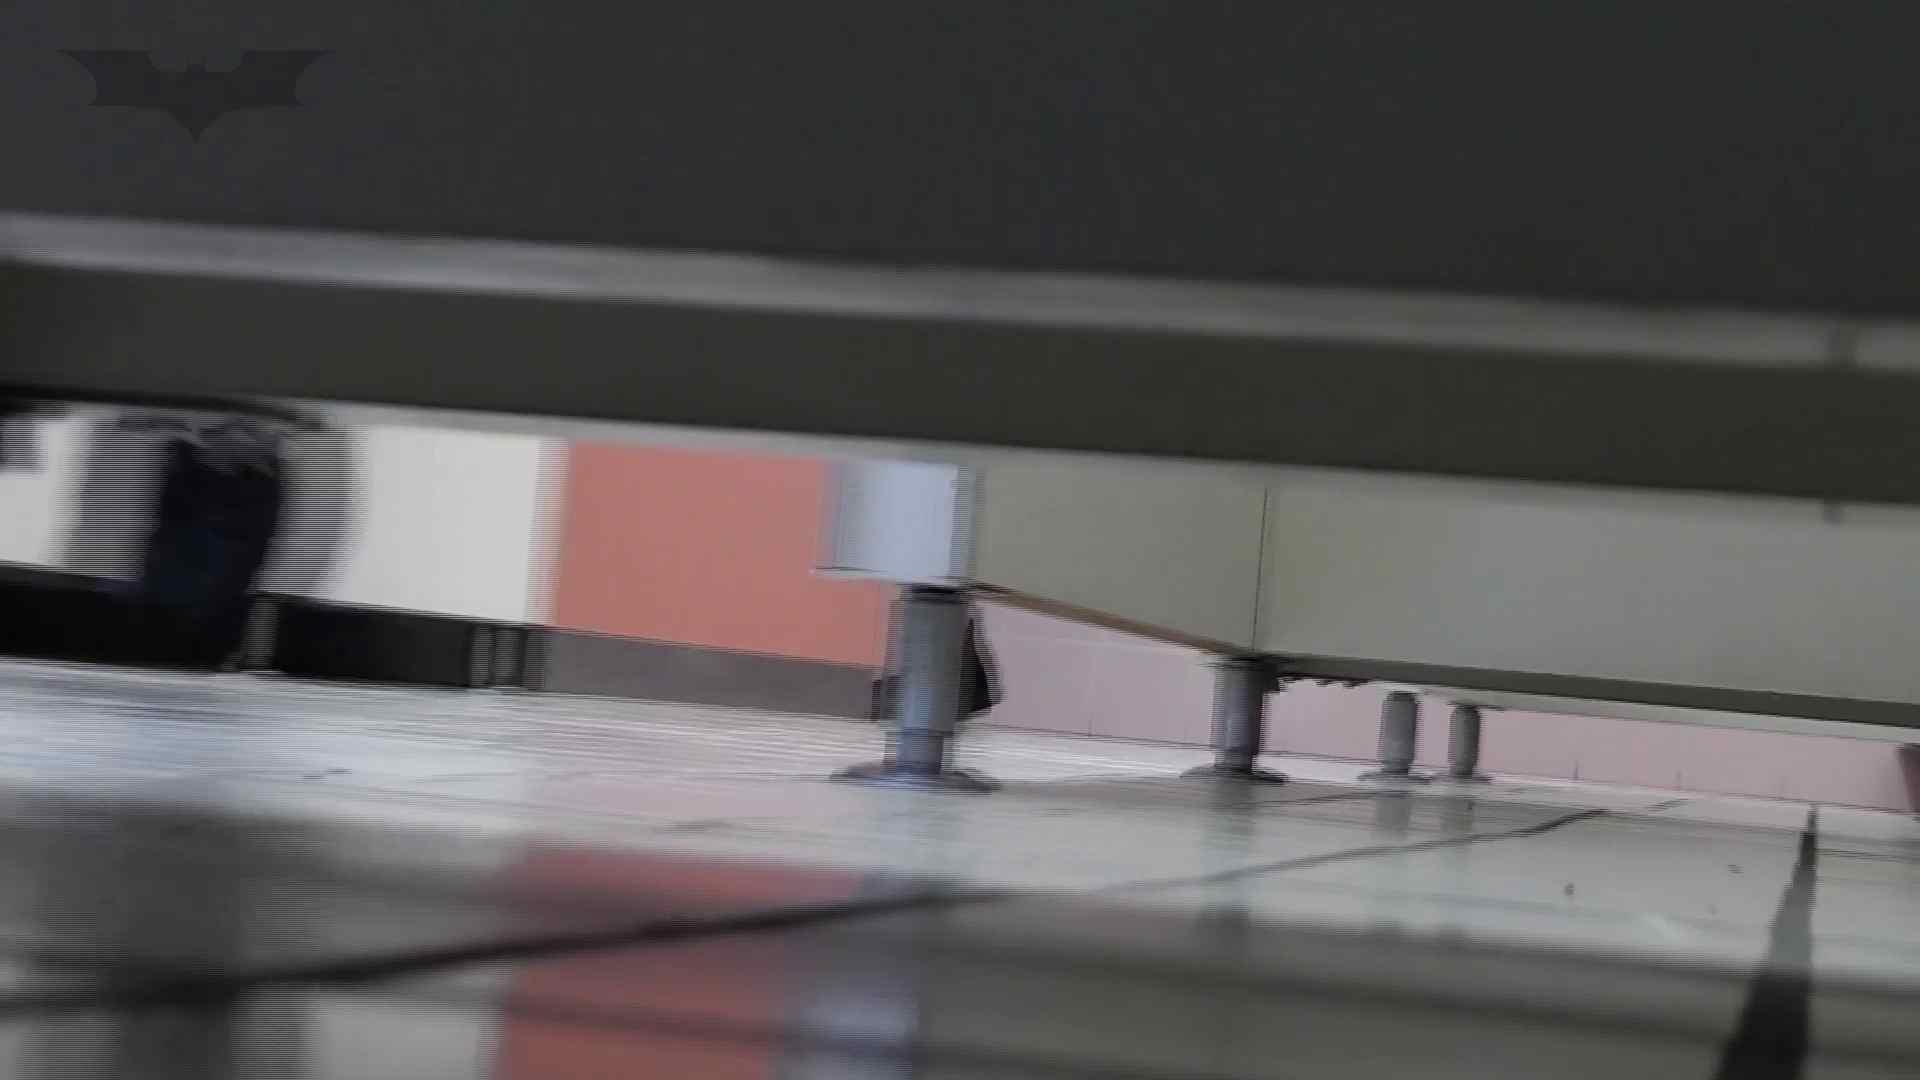 無修正エロ動画:美しい日本の未来 No.34 緊迫!予告モデル撮ろうとしたら清掃員に遭遇:怪盗ジョーカー